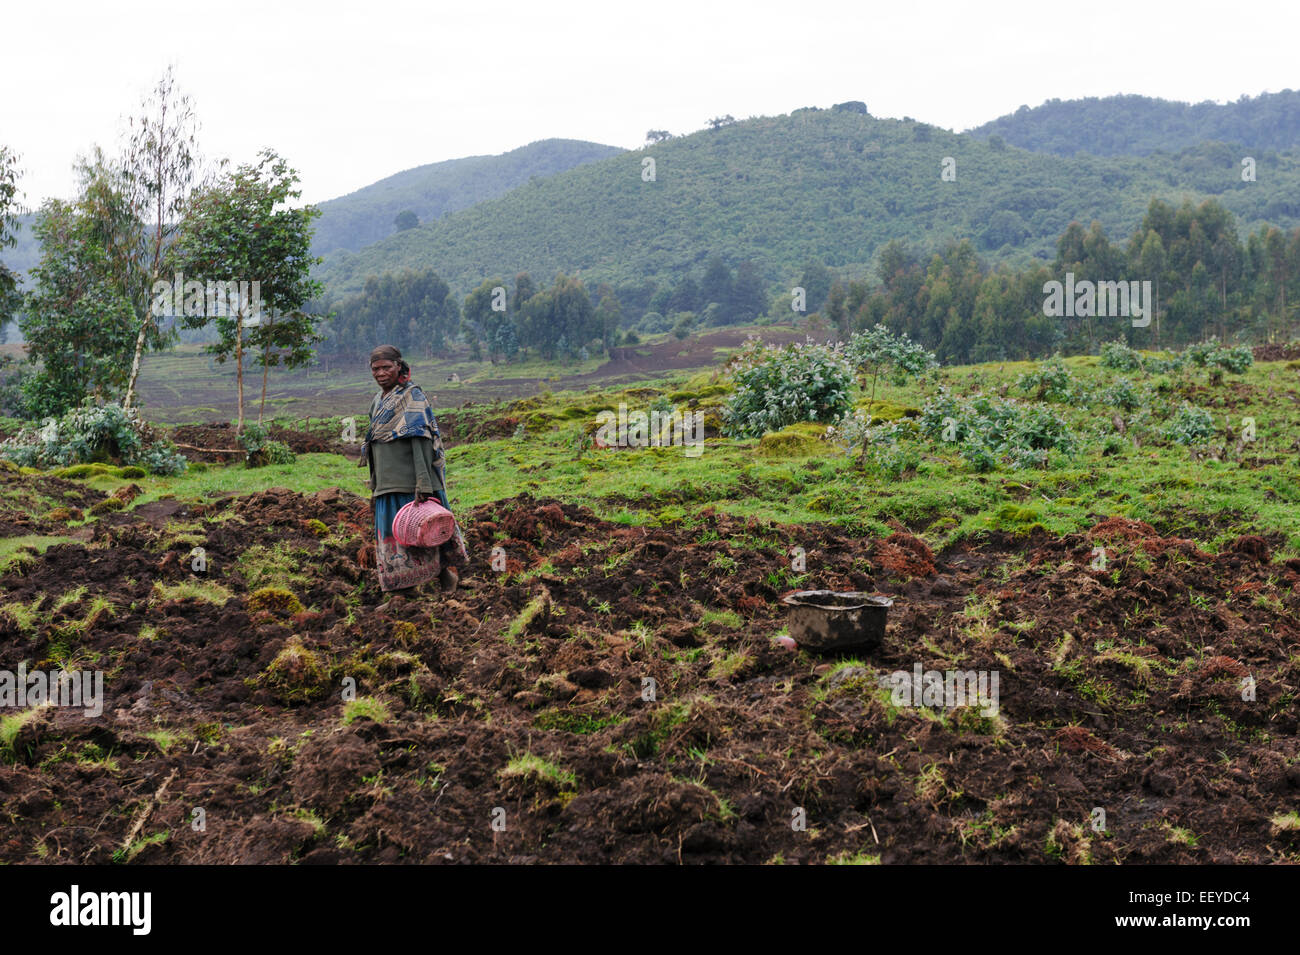 Female farmer on the slopes of Volcanoes National Park. Rwanda - Stock Image